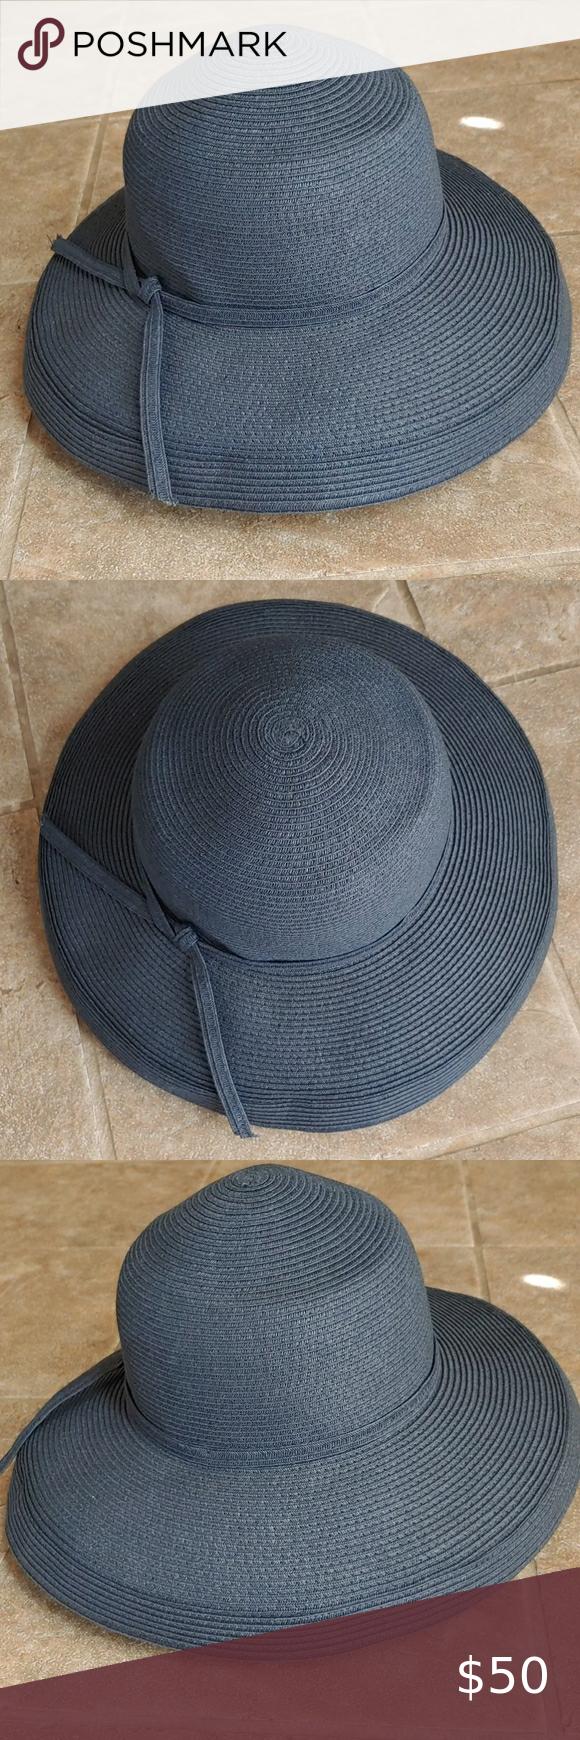 Nwot San Diego Hat Straw Adjustable Brim Sun Hat Sun Hats San Diego Hat Company Hats [ 1740 x 580 Pixel ]